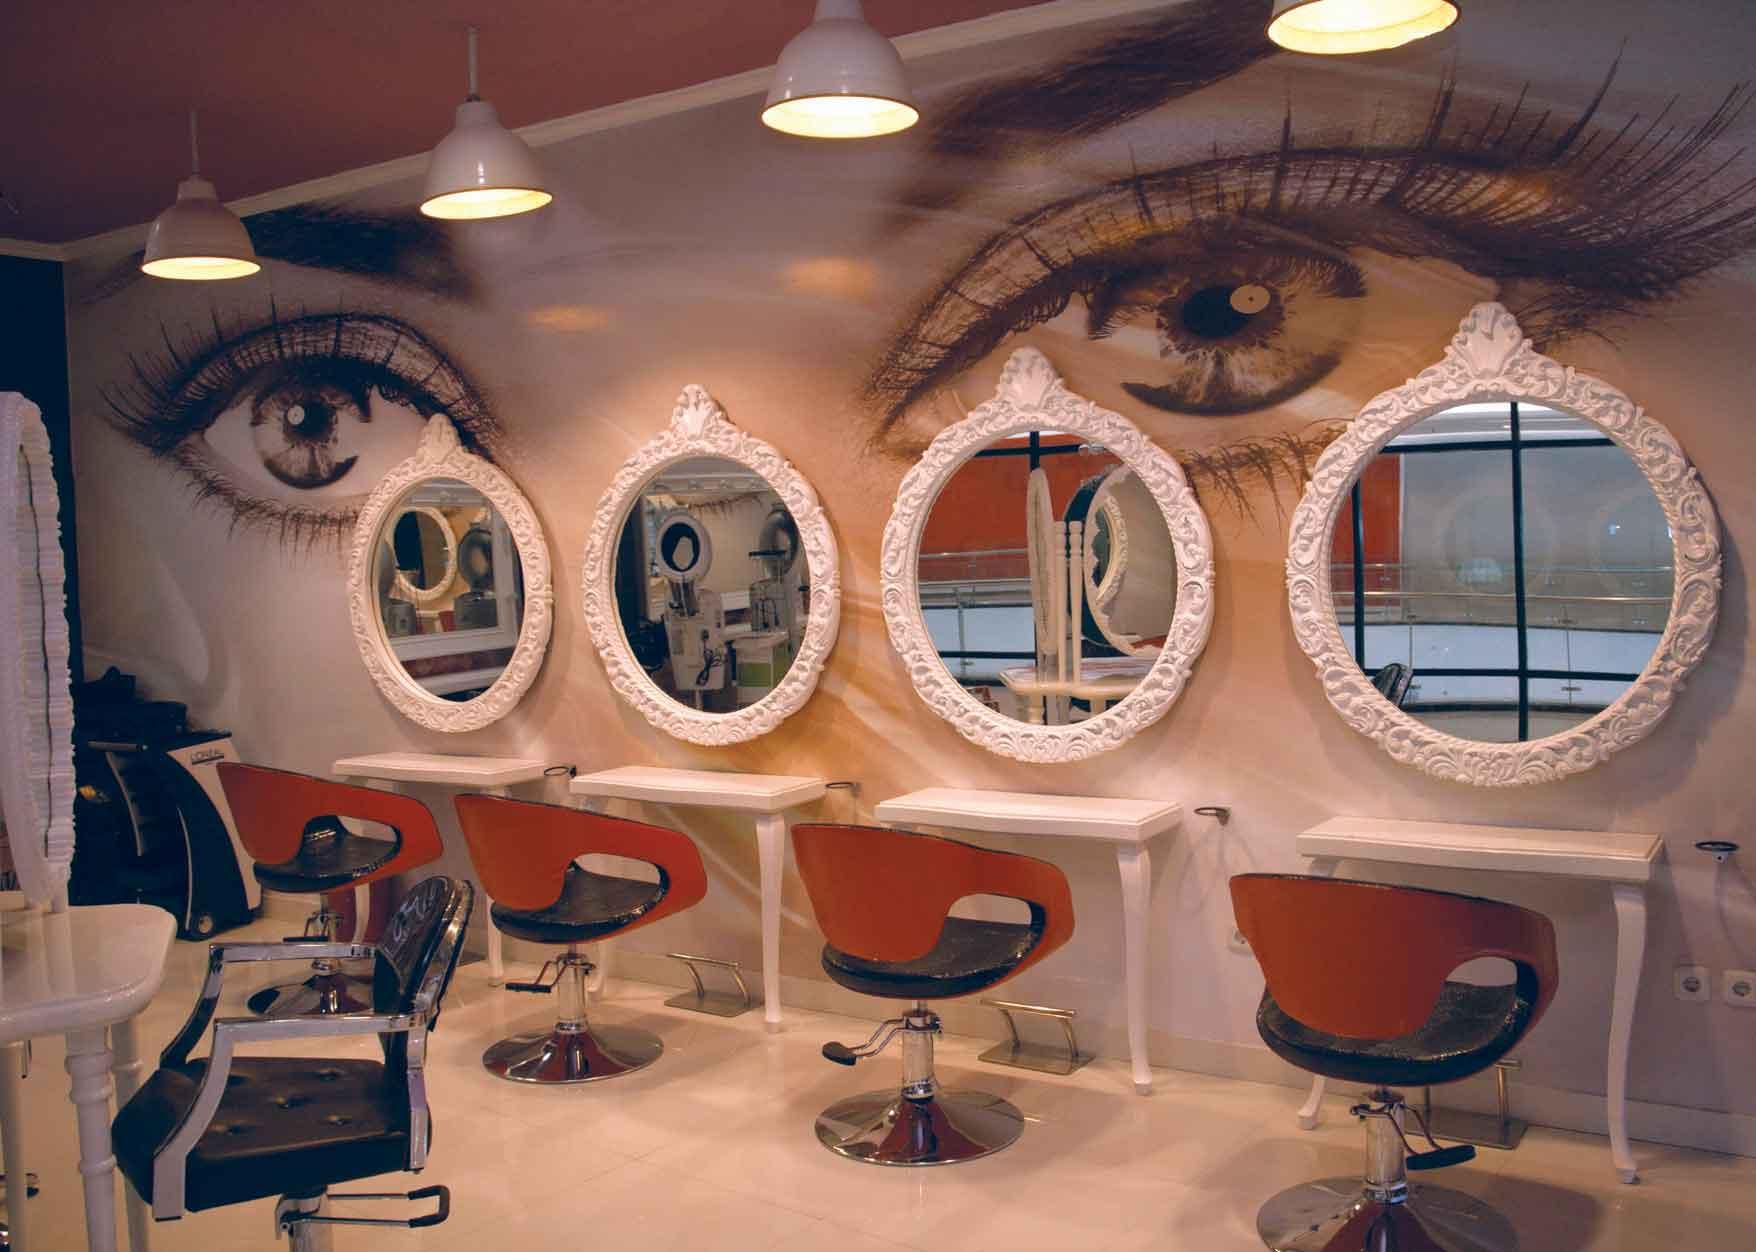 Destinasi Kecantikan Baru di Manado, St. Lauren Hair and Beauty Parlour